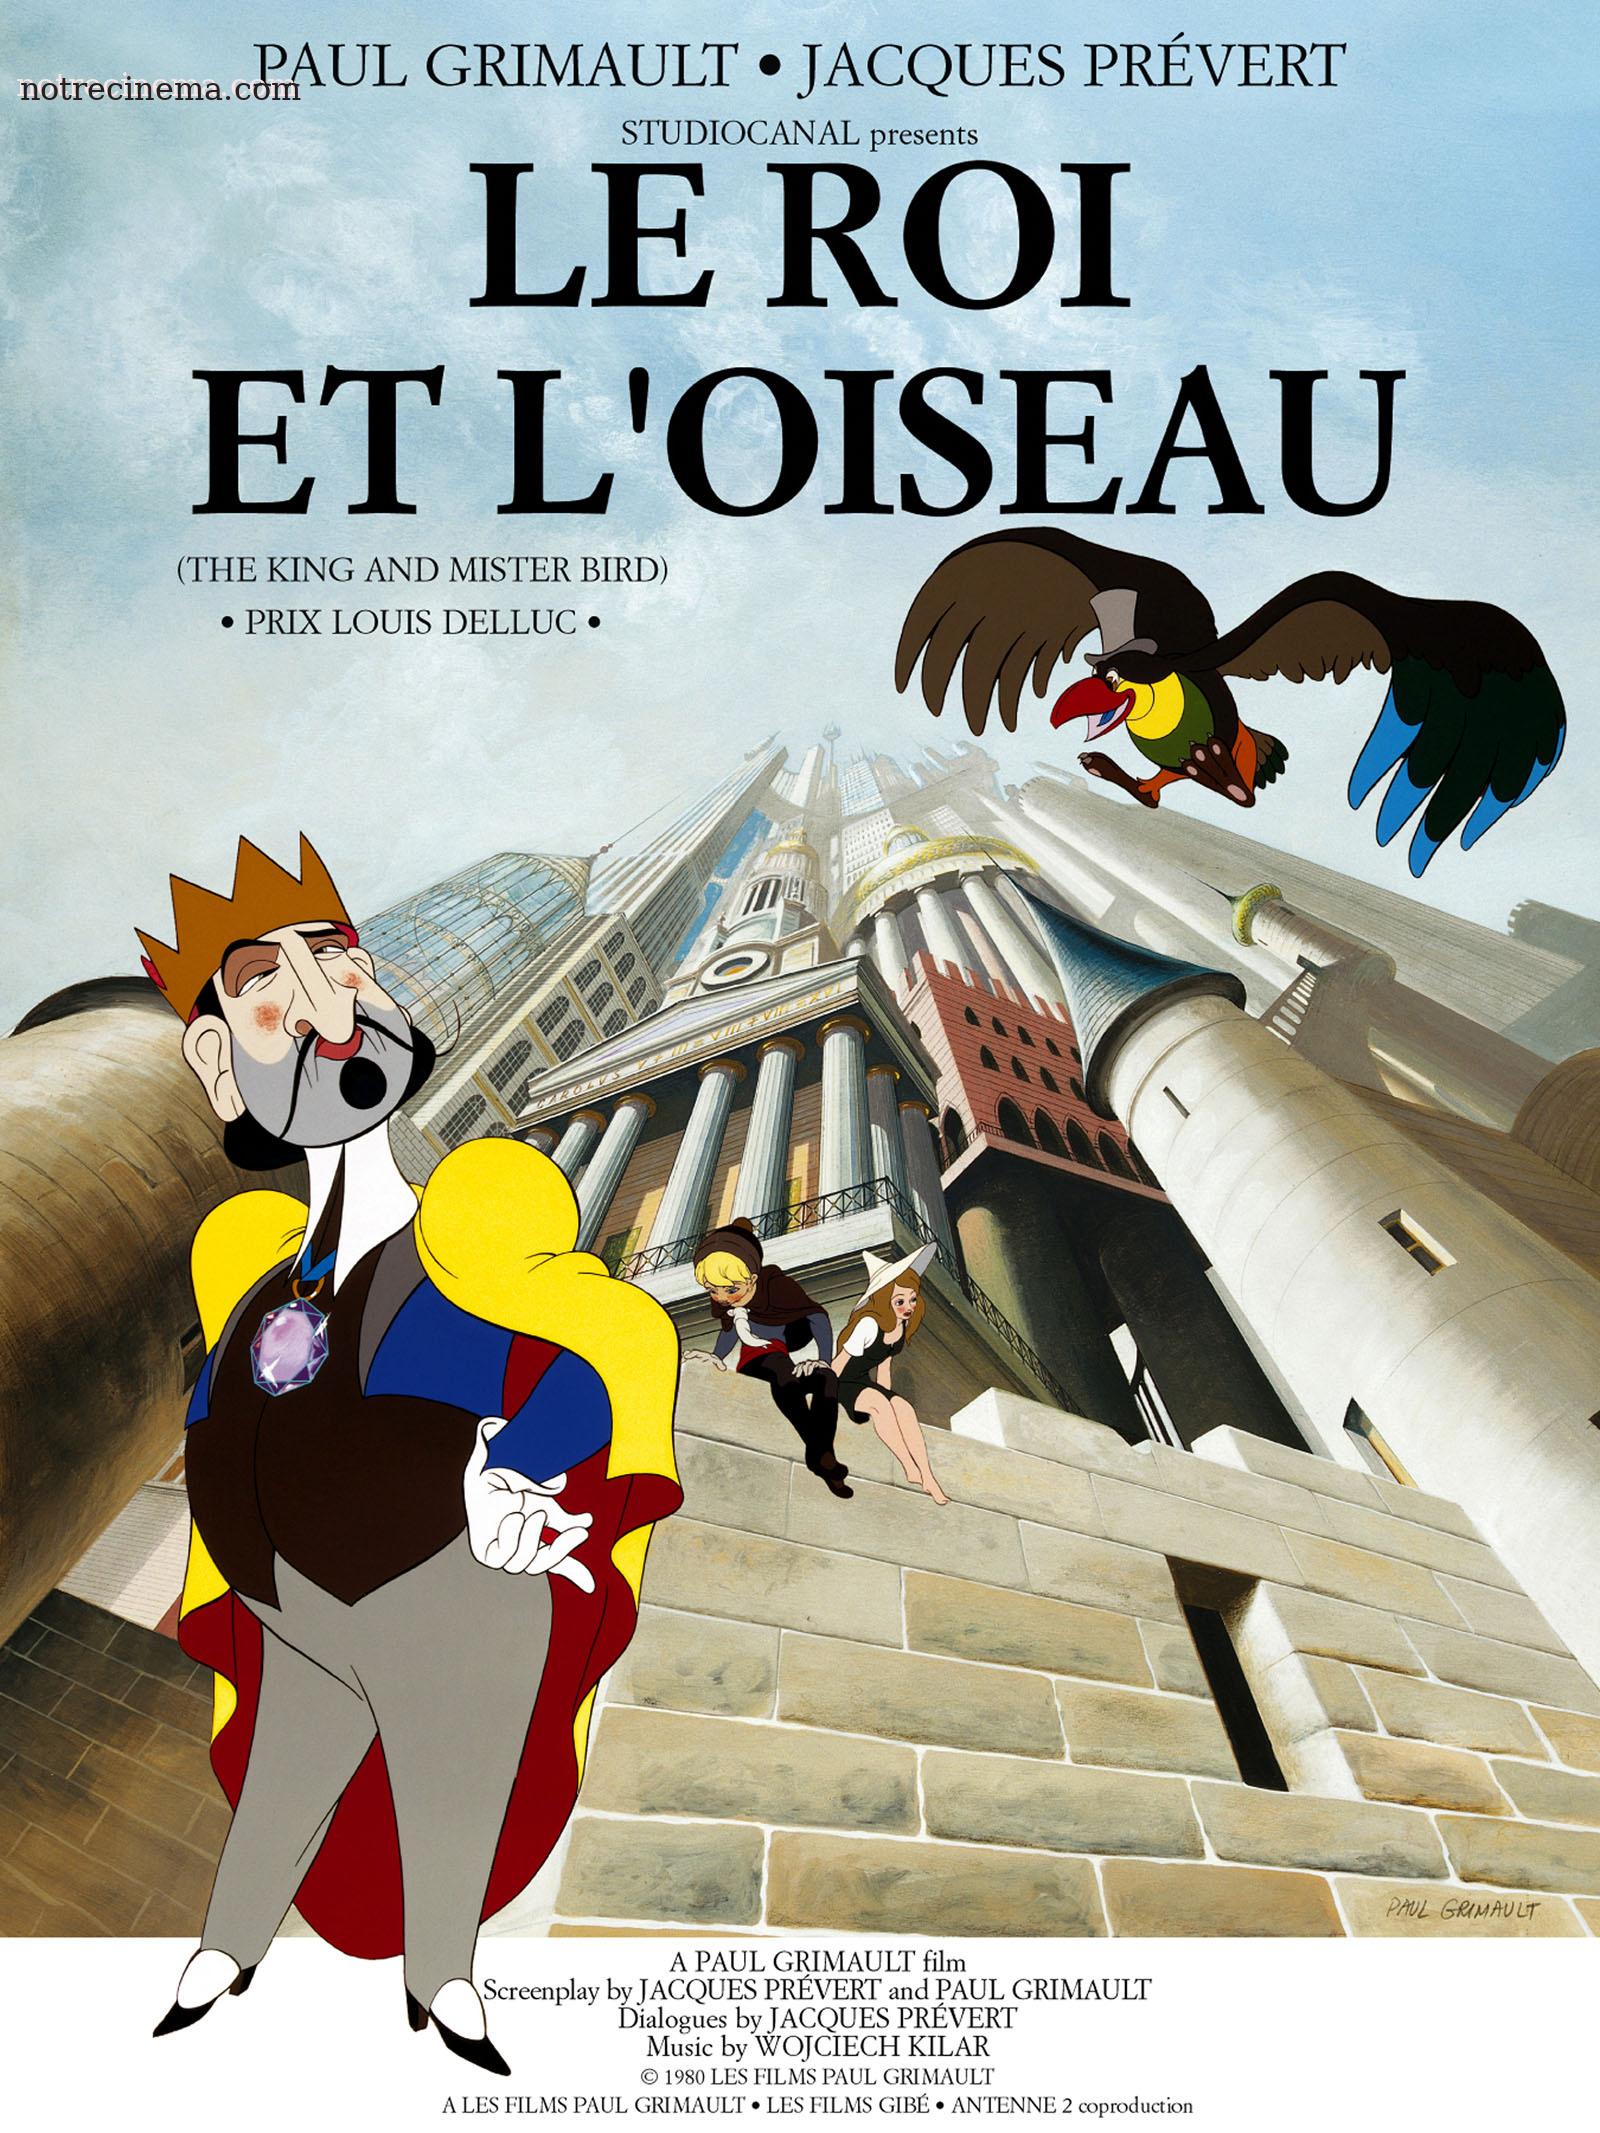 Le Roi et L'Oiseau - Paul Grimault - 1980 Le-roi-et-l-oiseau-wallpaper_330682_20388